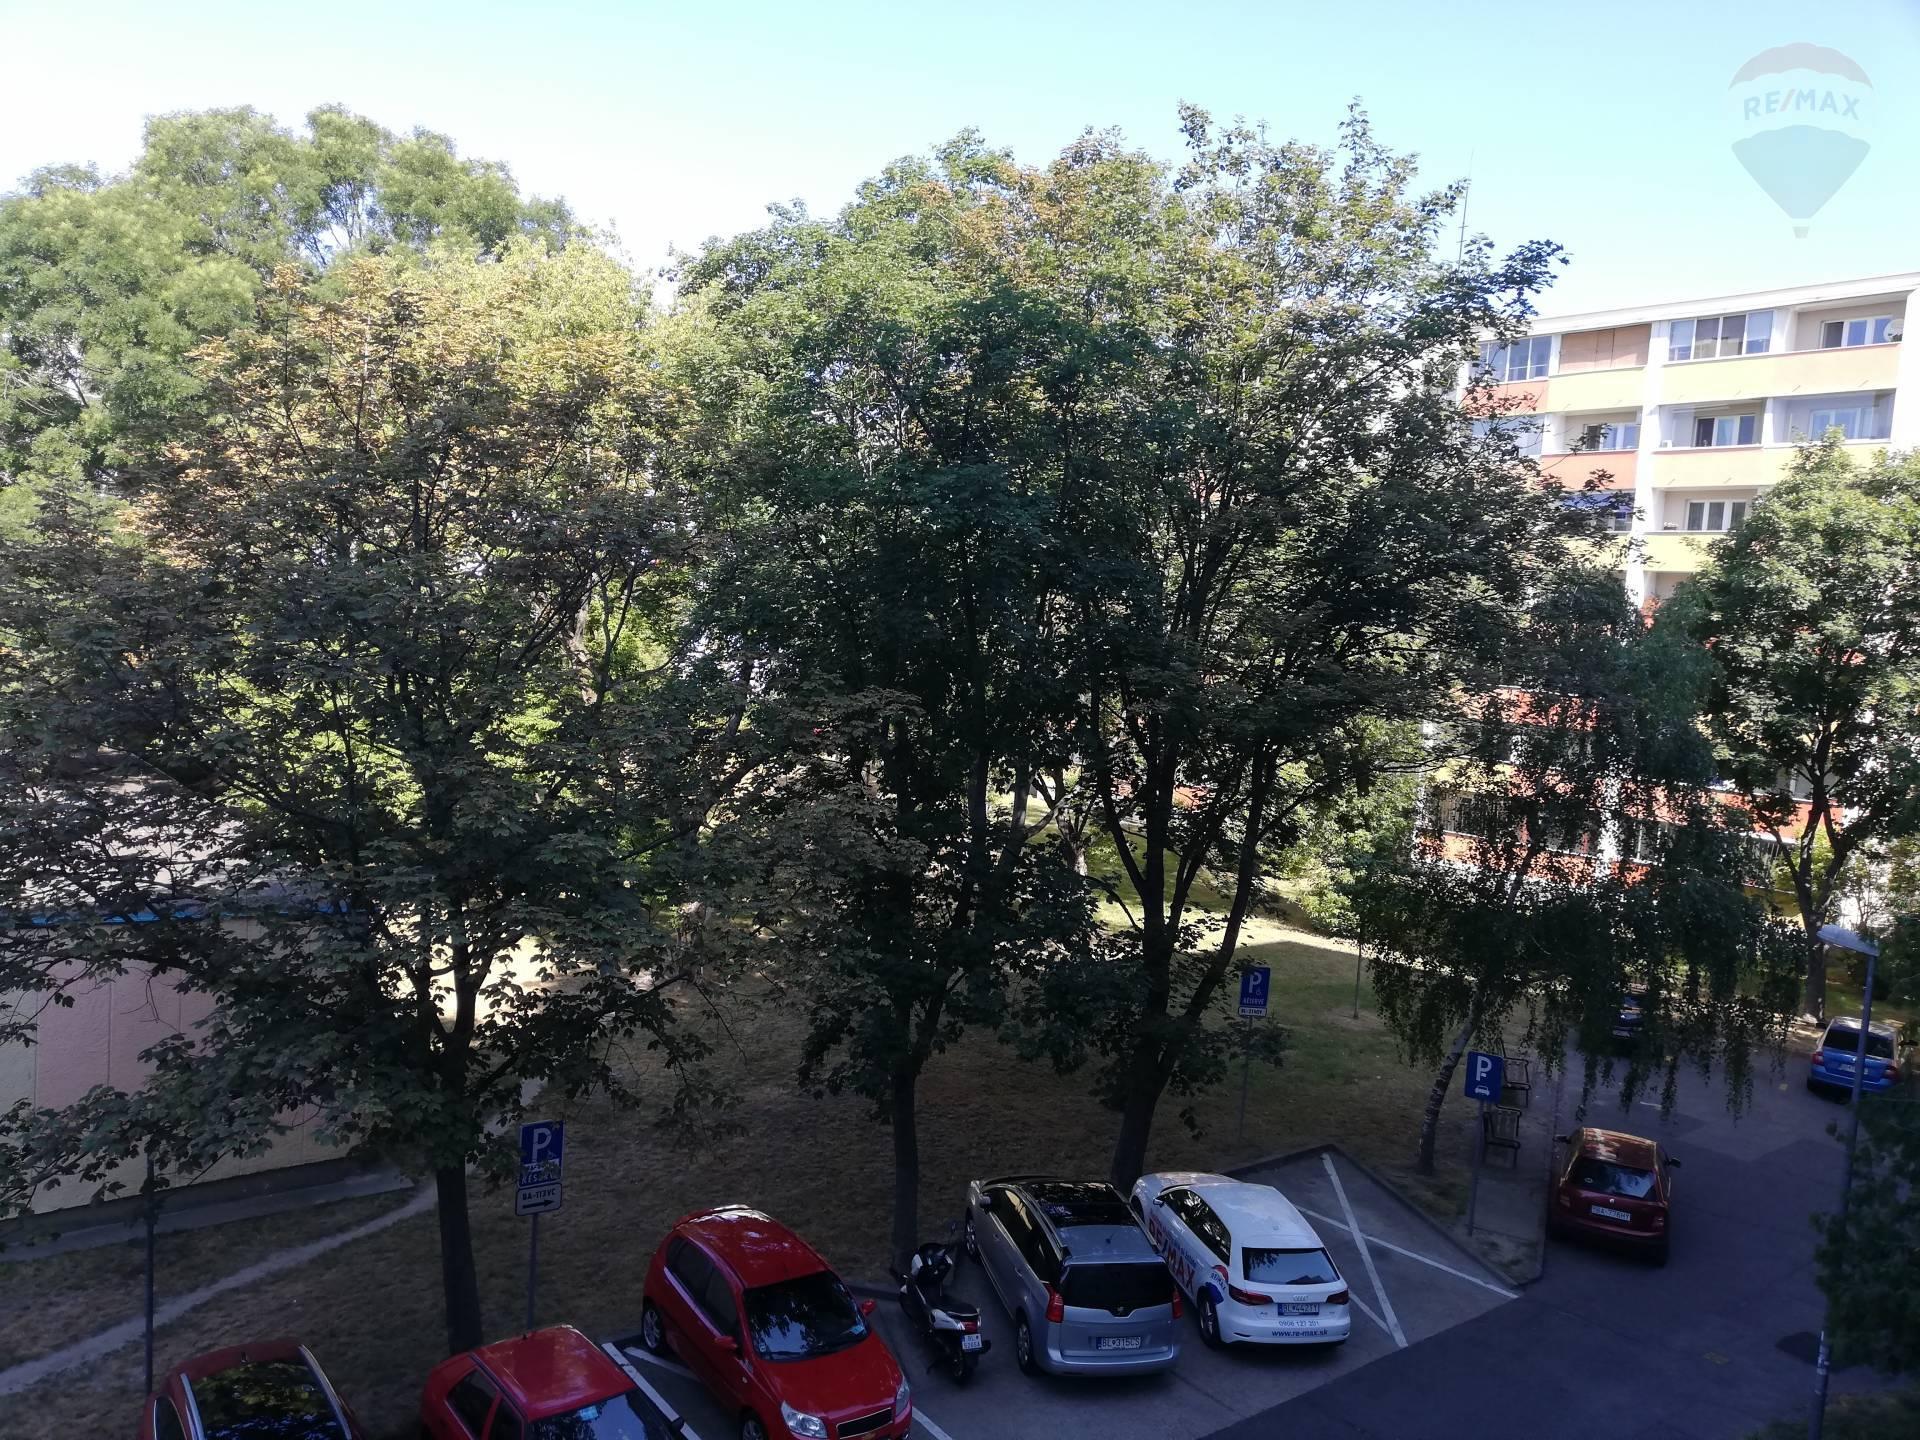 Predaj bytu (3 izbový) 75 m2, Bratislava - Ružinov - 3izbový byt výhlad